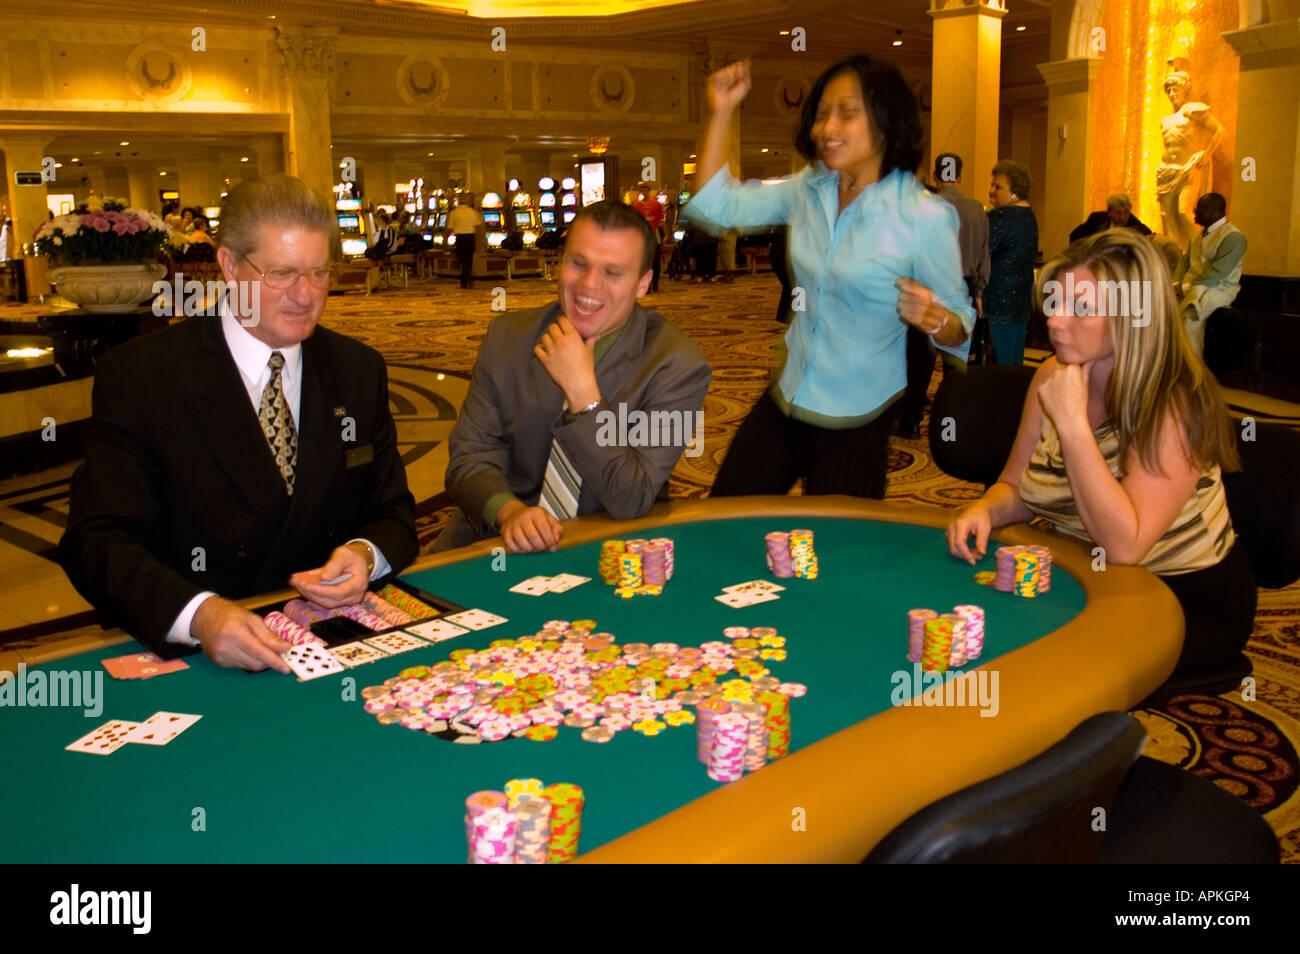 Palace gaming casino vegas sports gambling lines